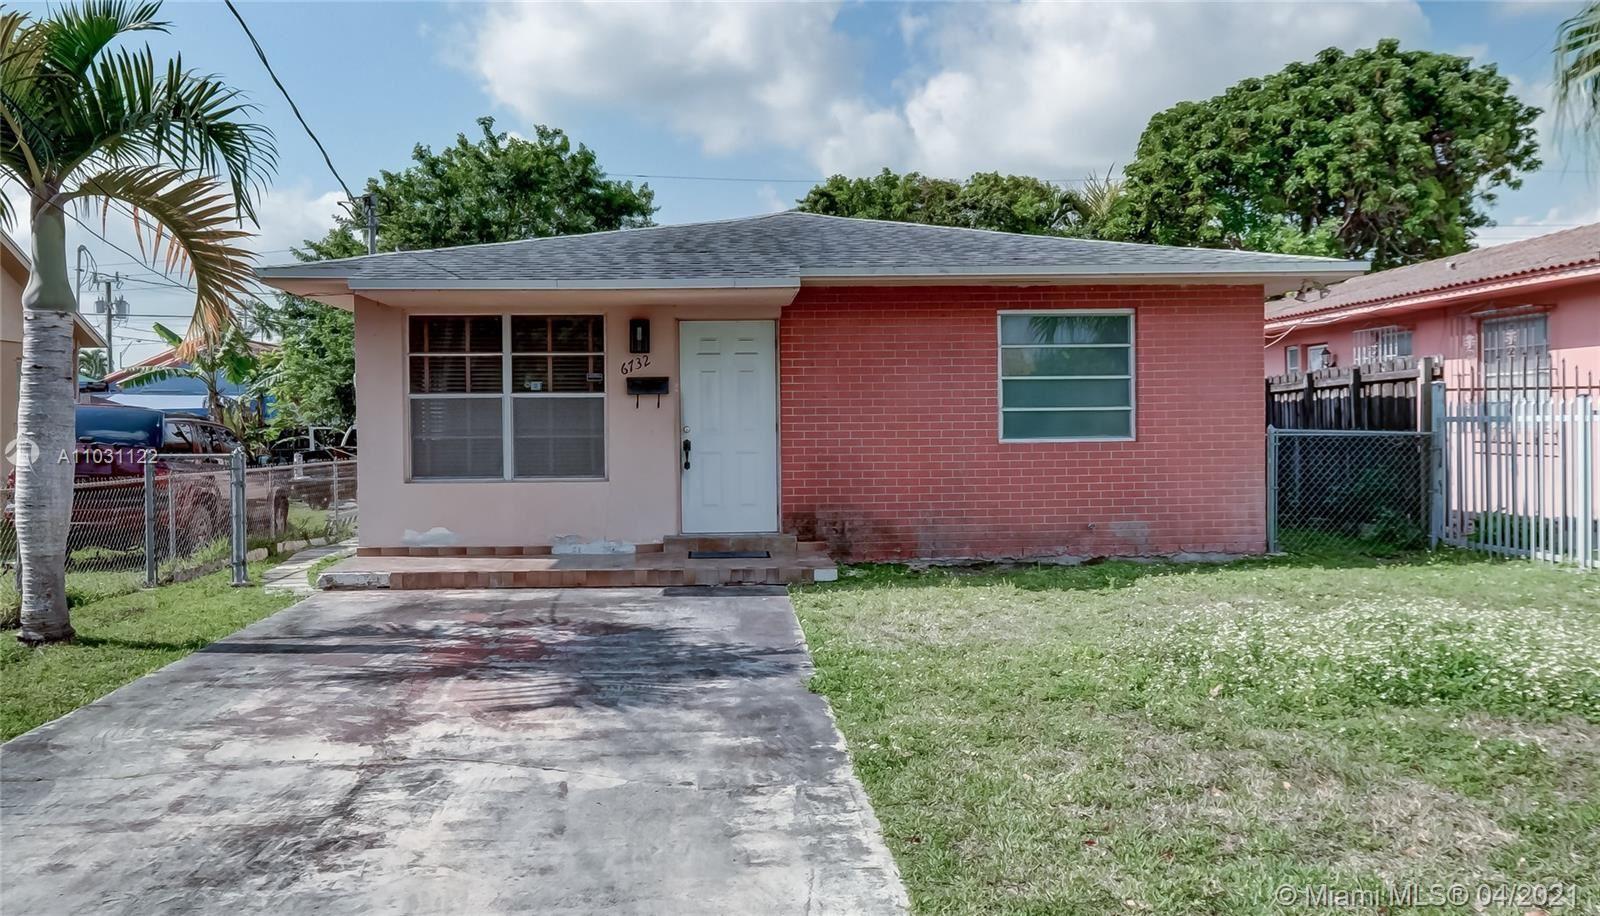 6732 SW 15th St, Miami, FL 33144 - #: A11031122